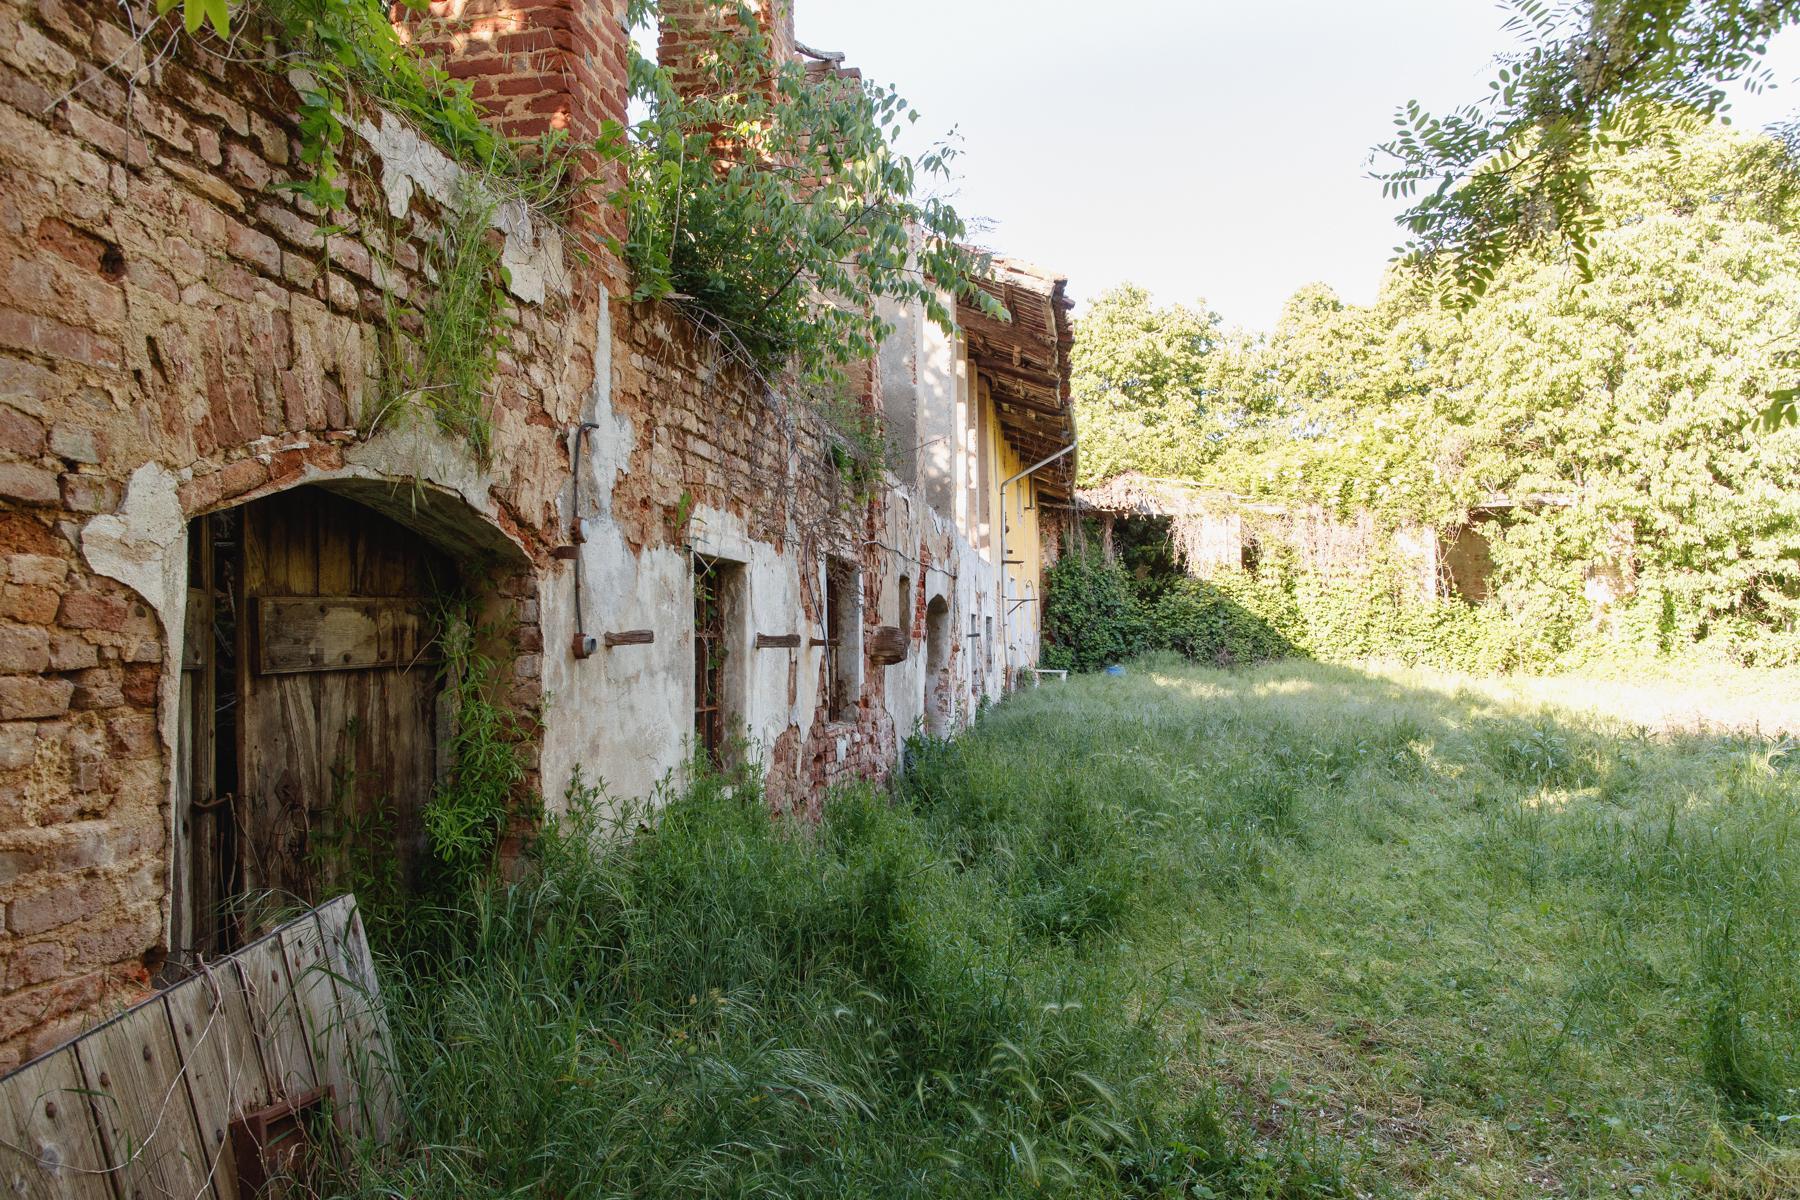 Antikes Bauernhaus auf dem Land Turins - 3